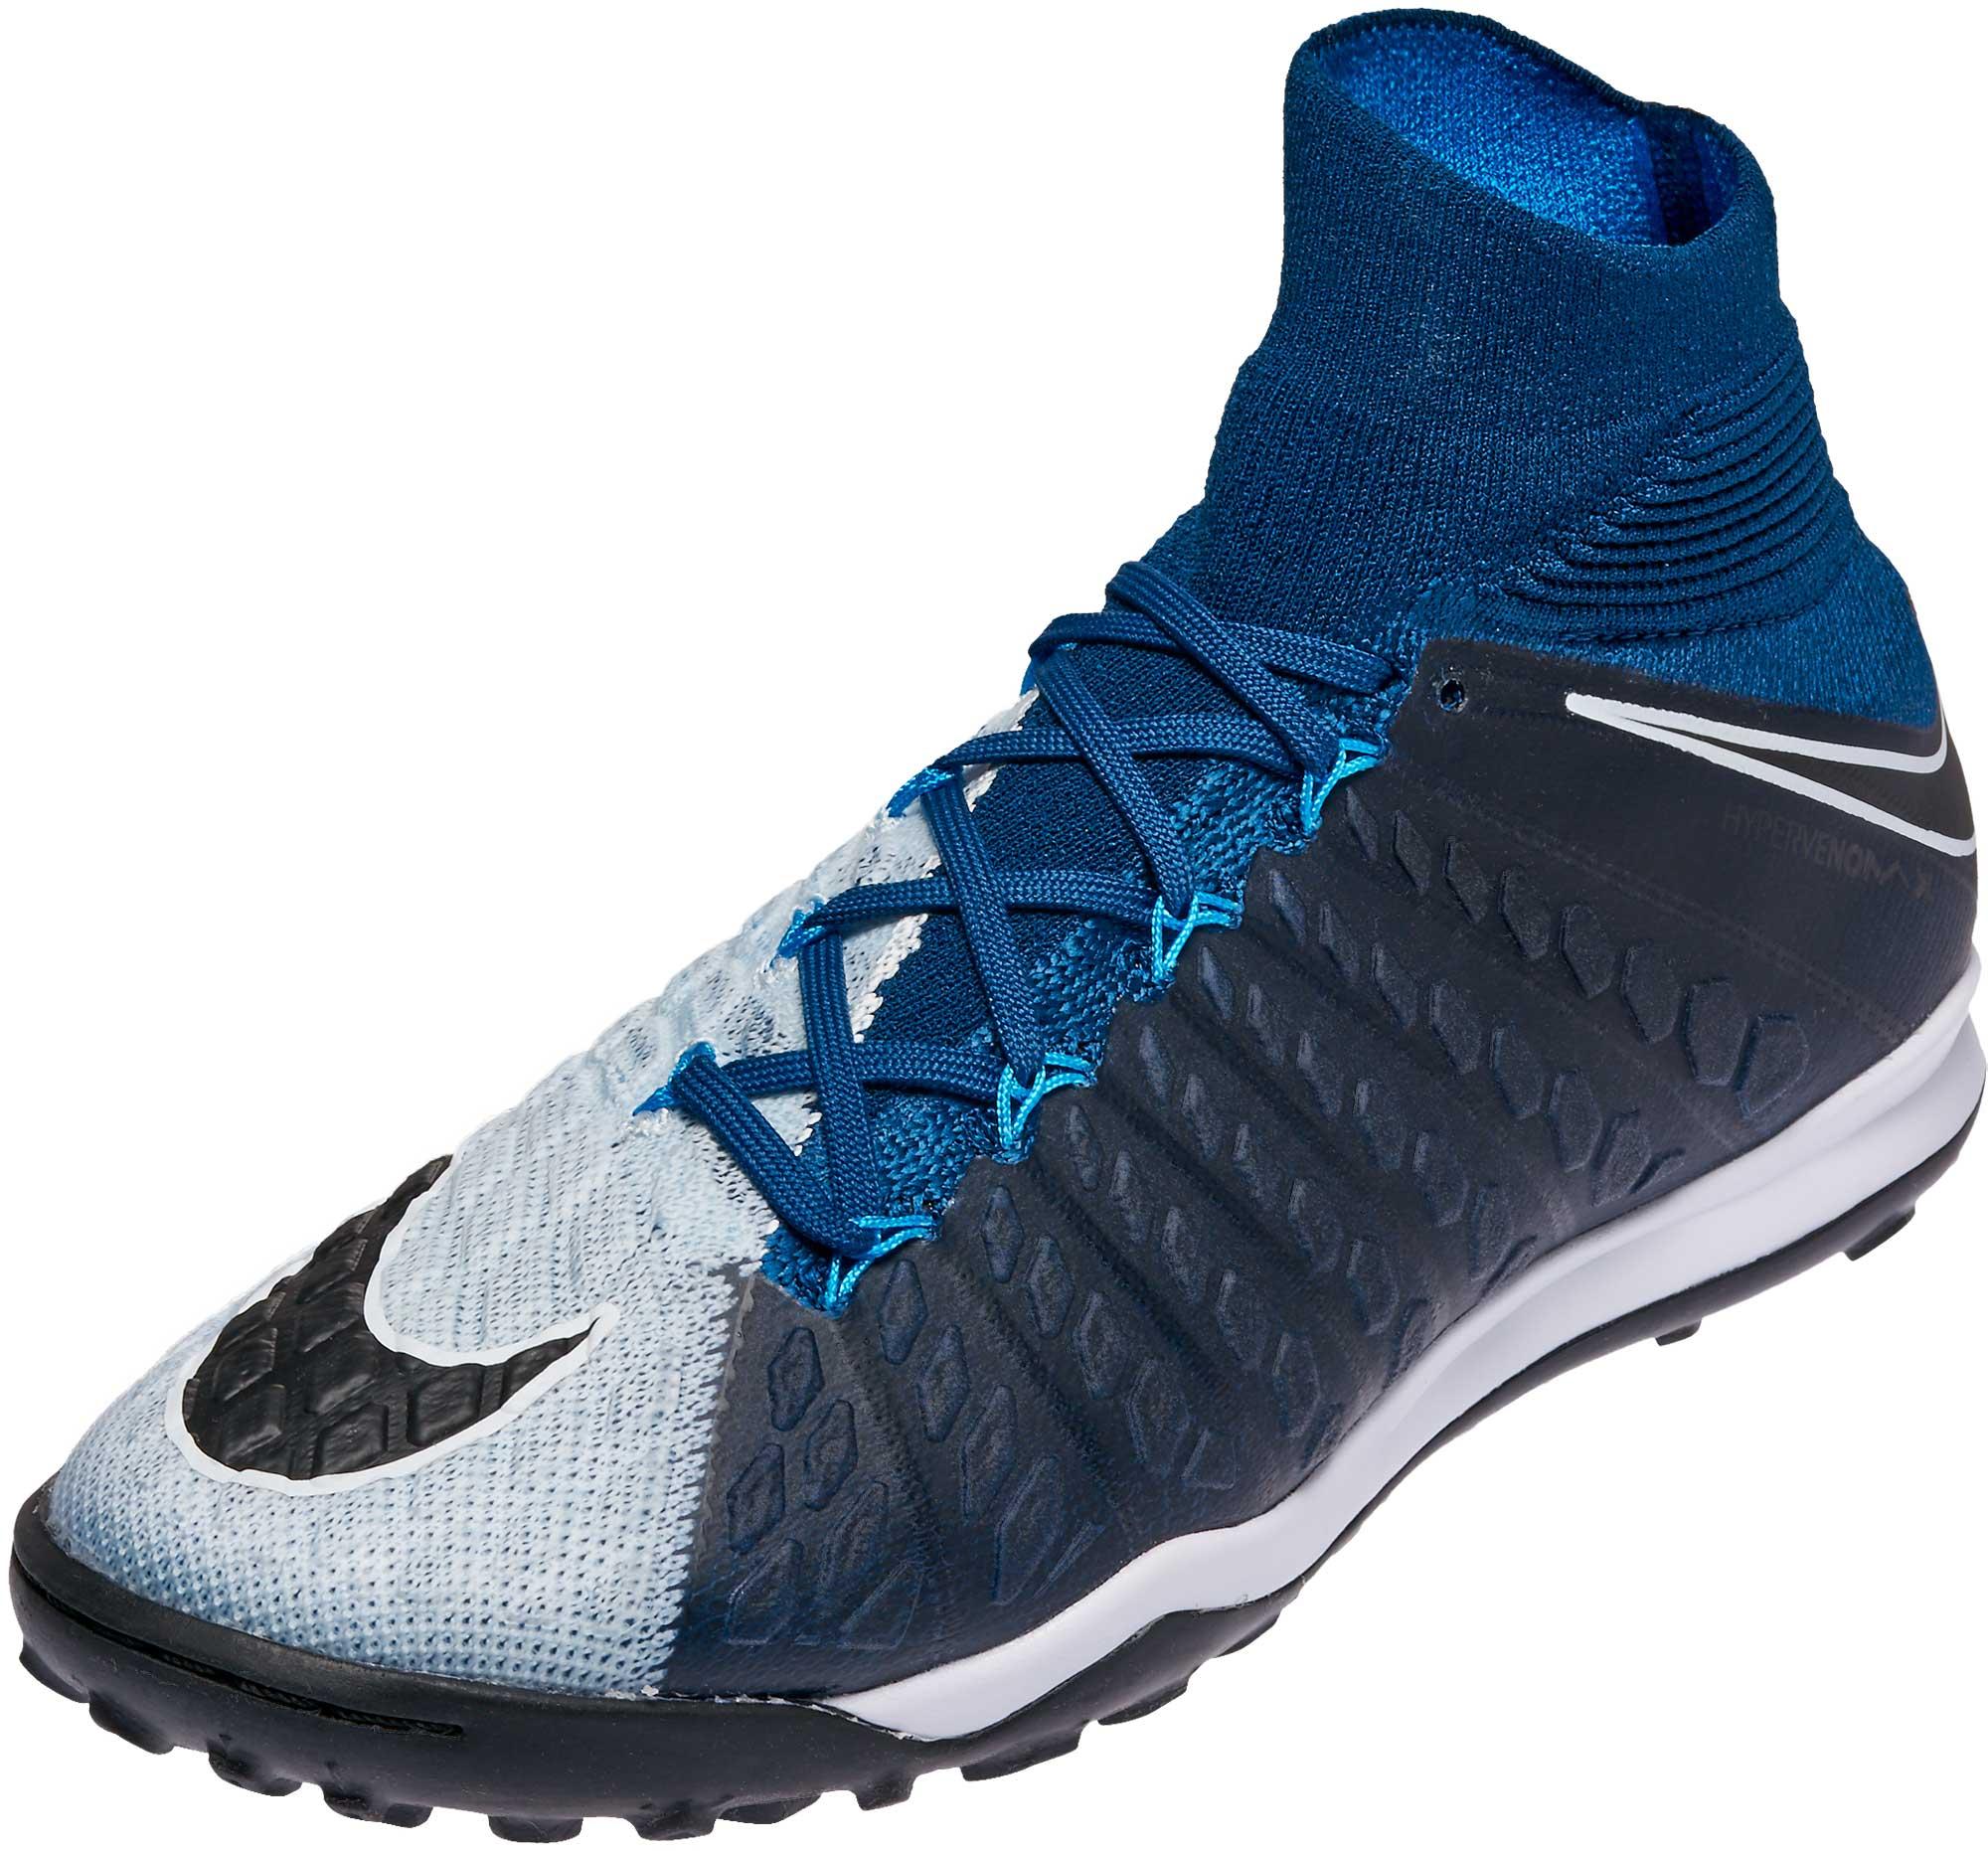 7e57c1f96b96 Nike HypervenomX Proximo II DF TF – Brave Blue Black